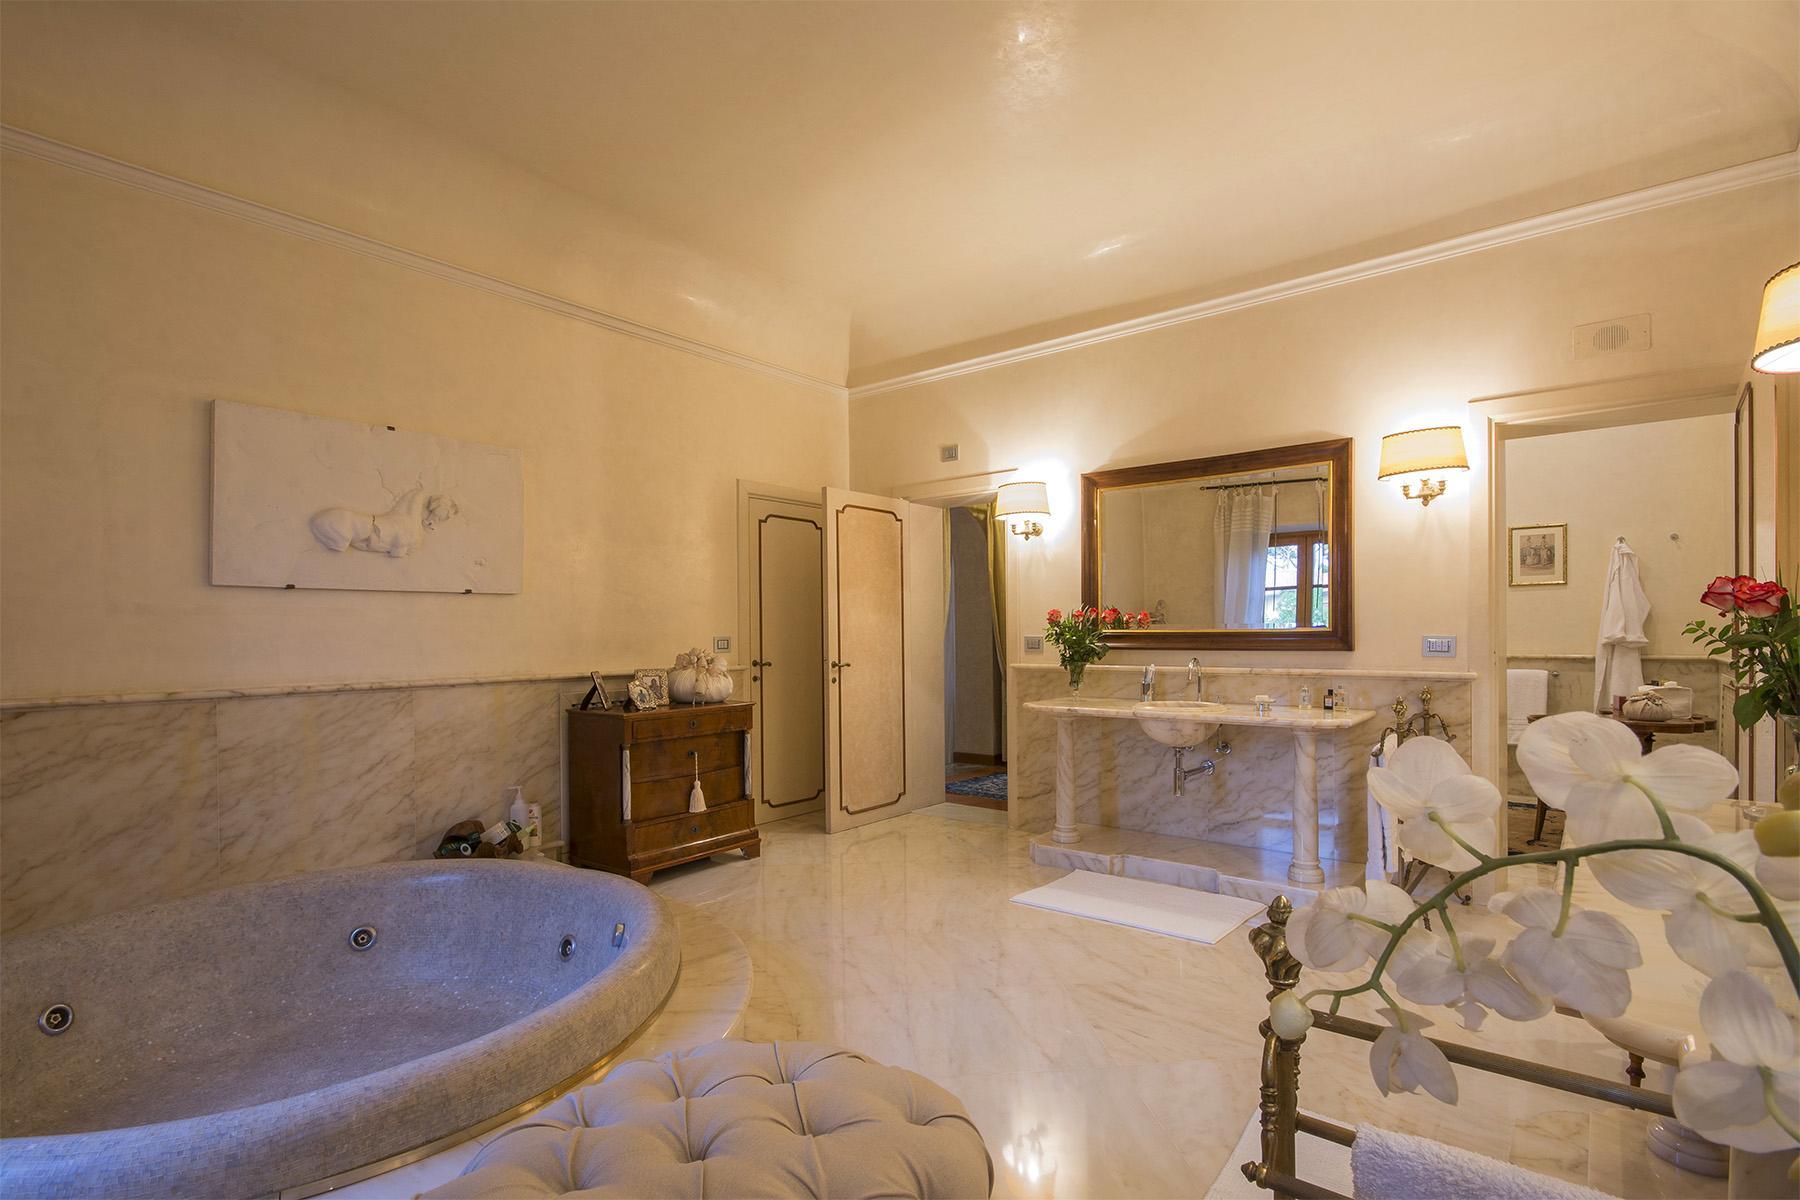 坐落在Marina di Pietrasanta的宏伟建筑 - 40